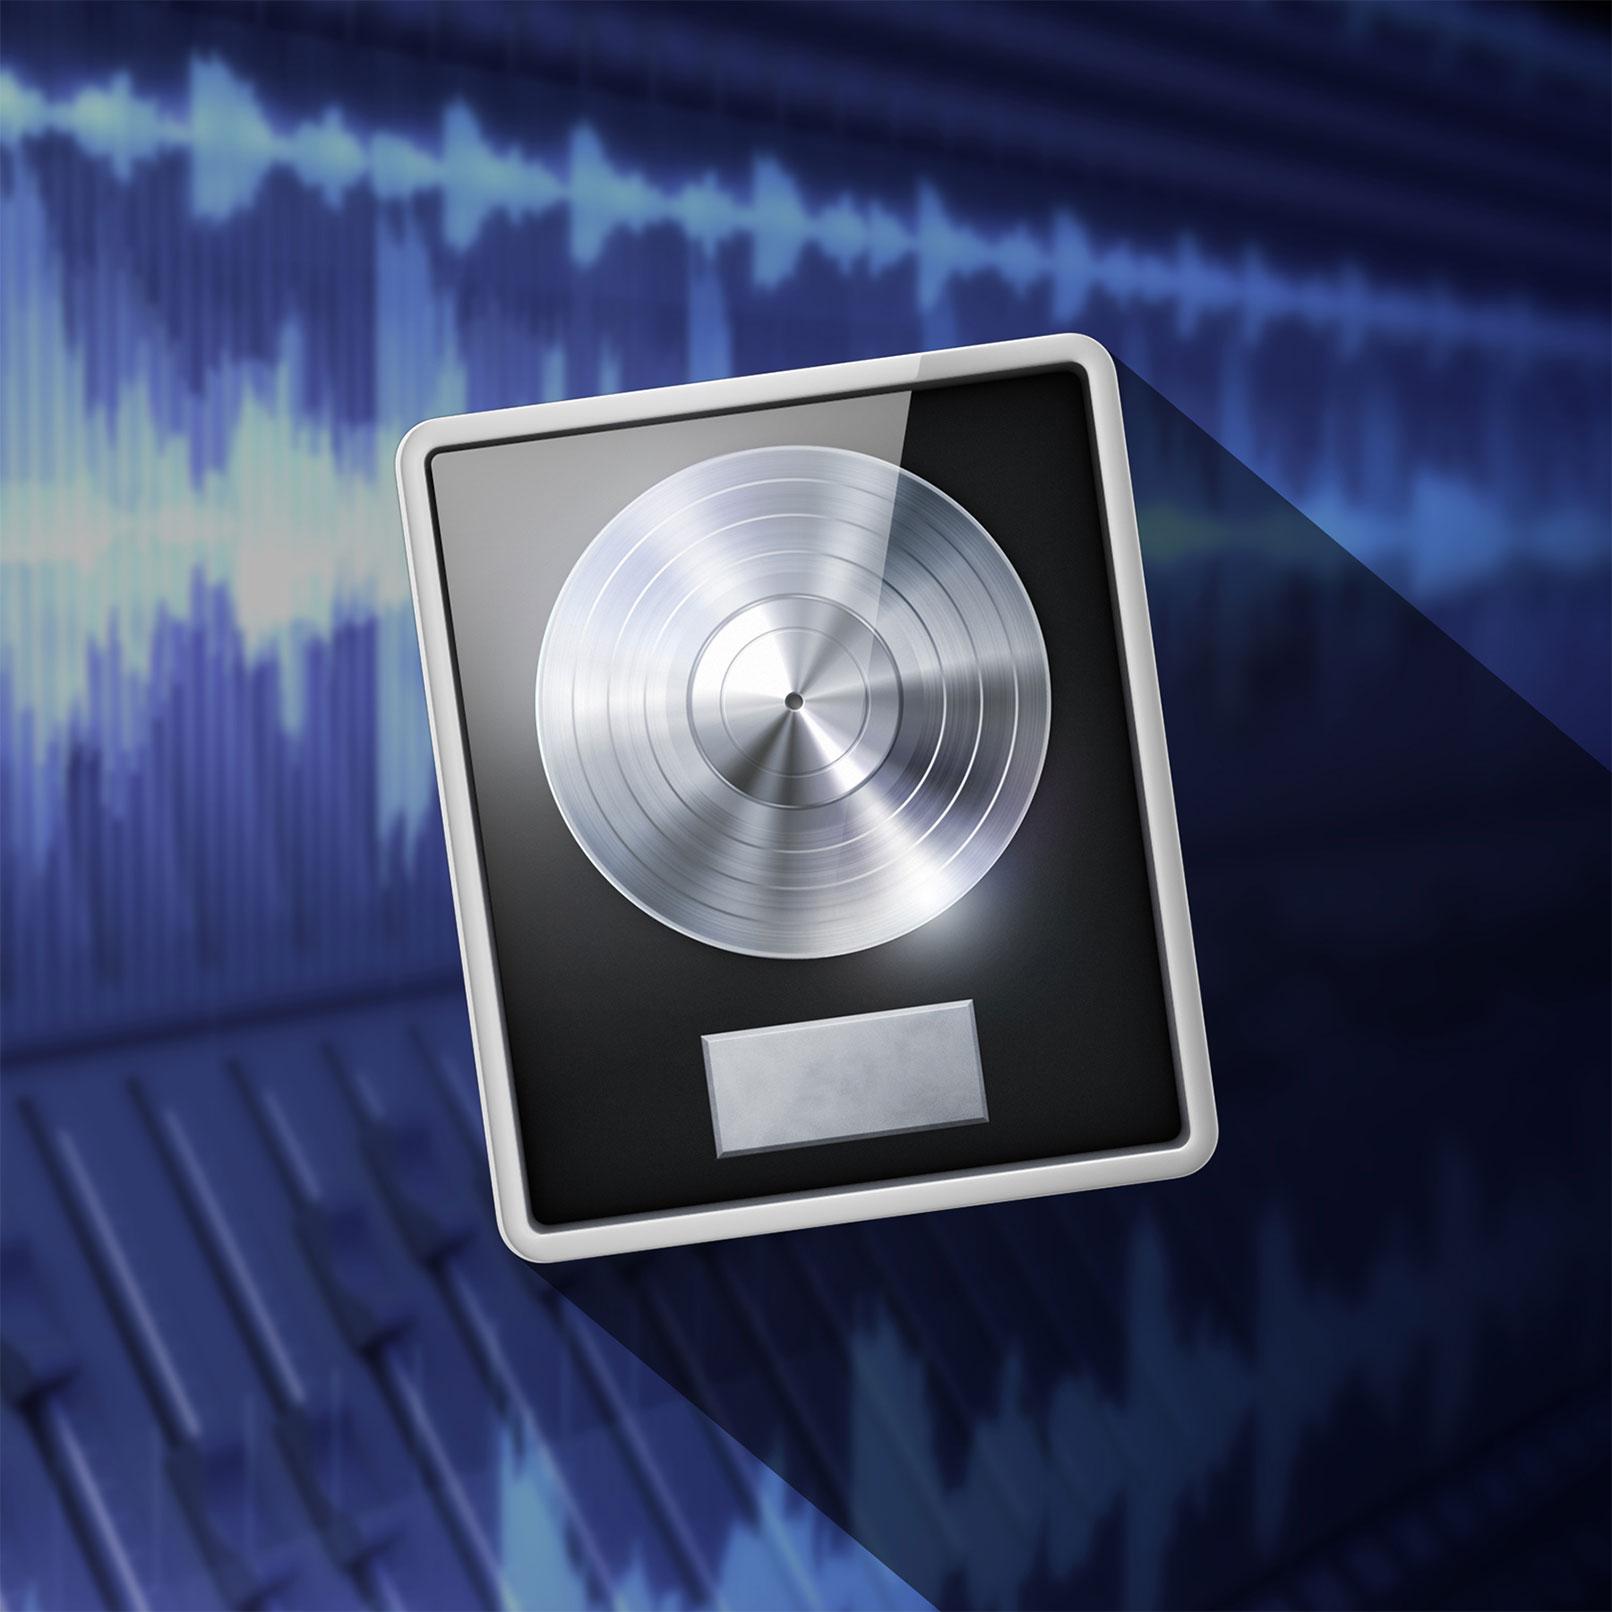 Logo von Logic Pro zur Illustration von Logic Pro X Tutorial - Musik selber machen